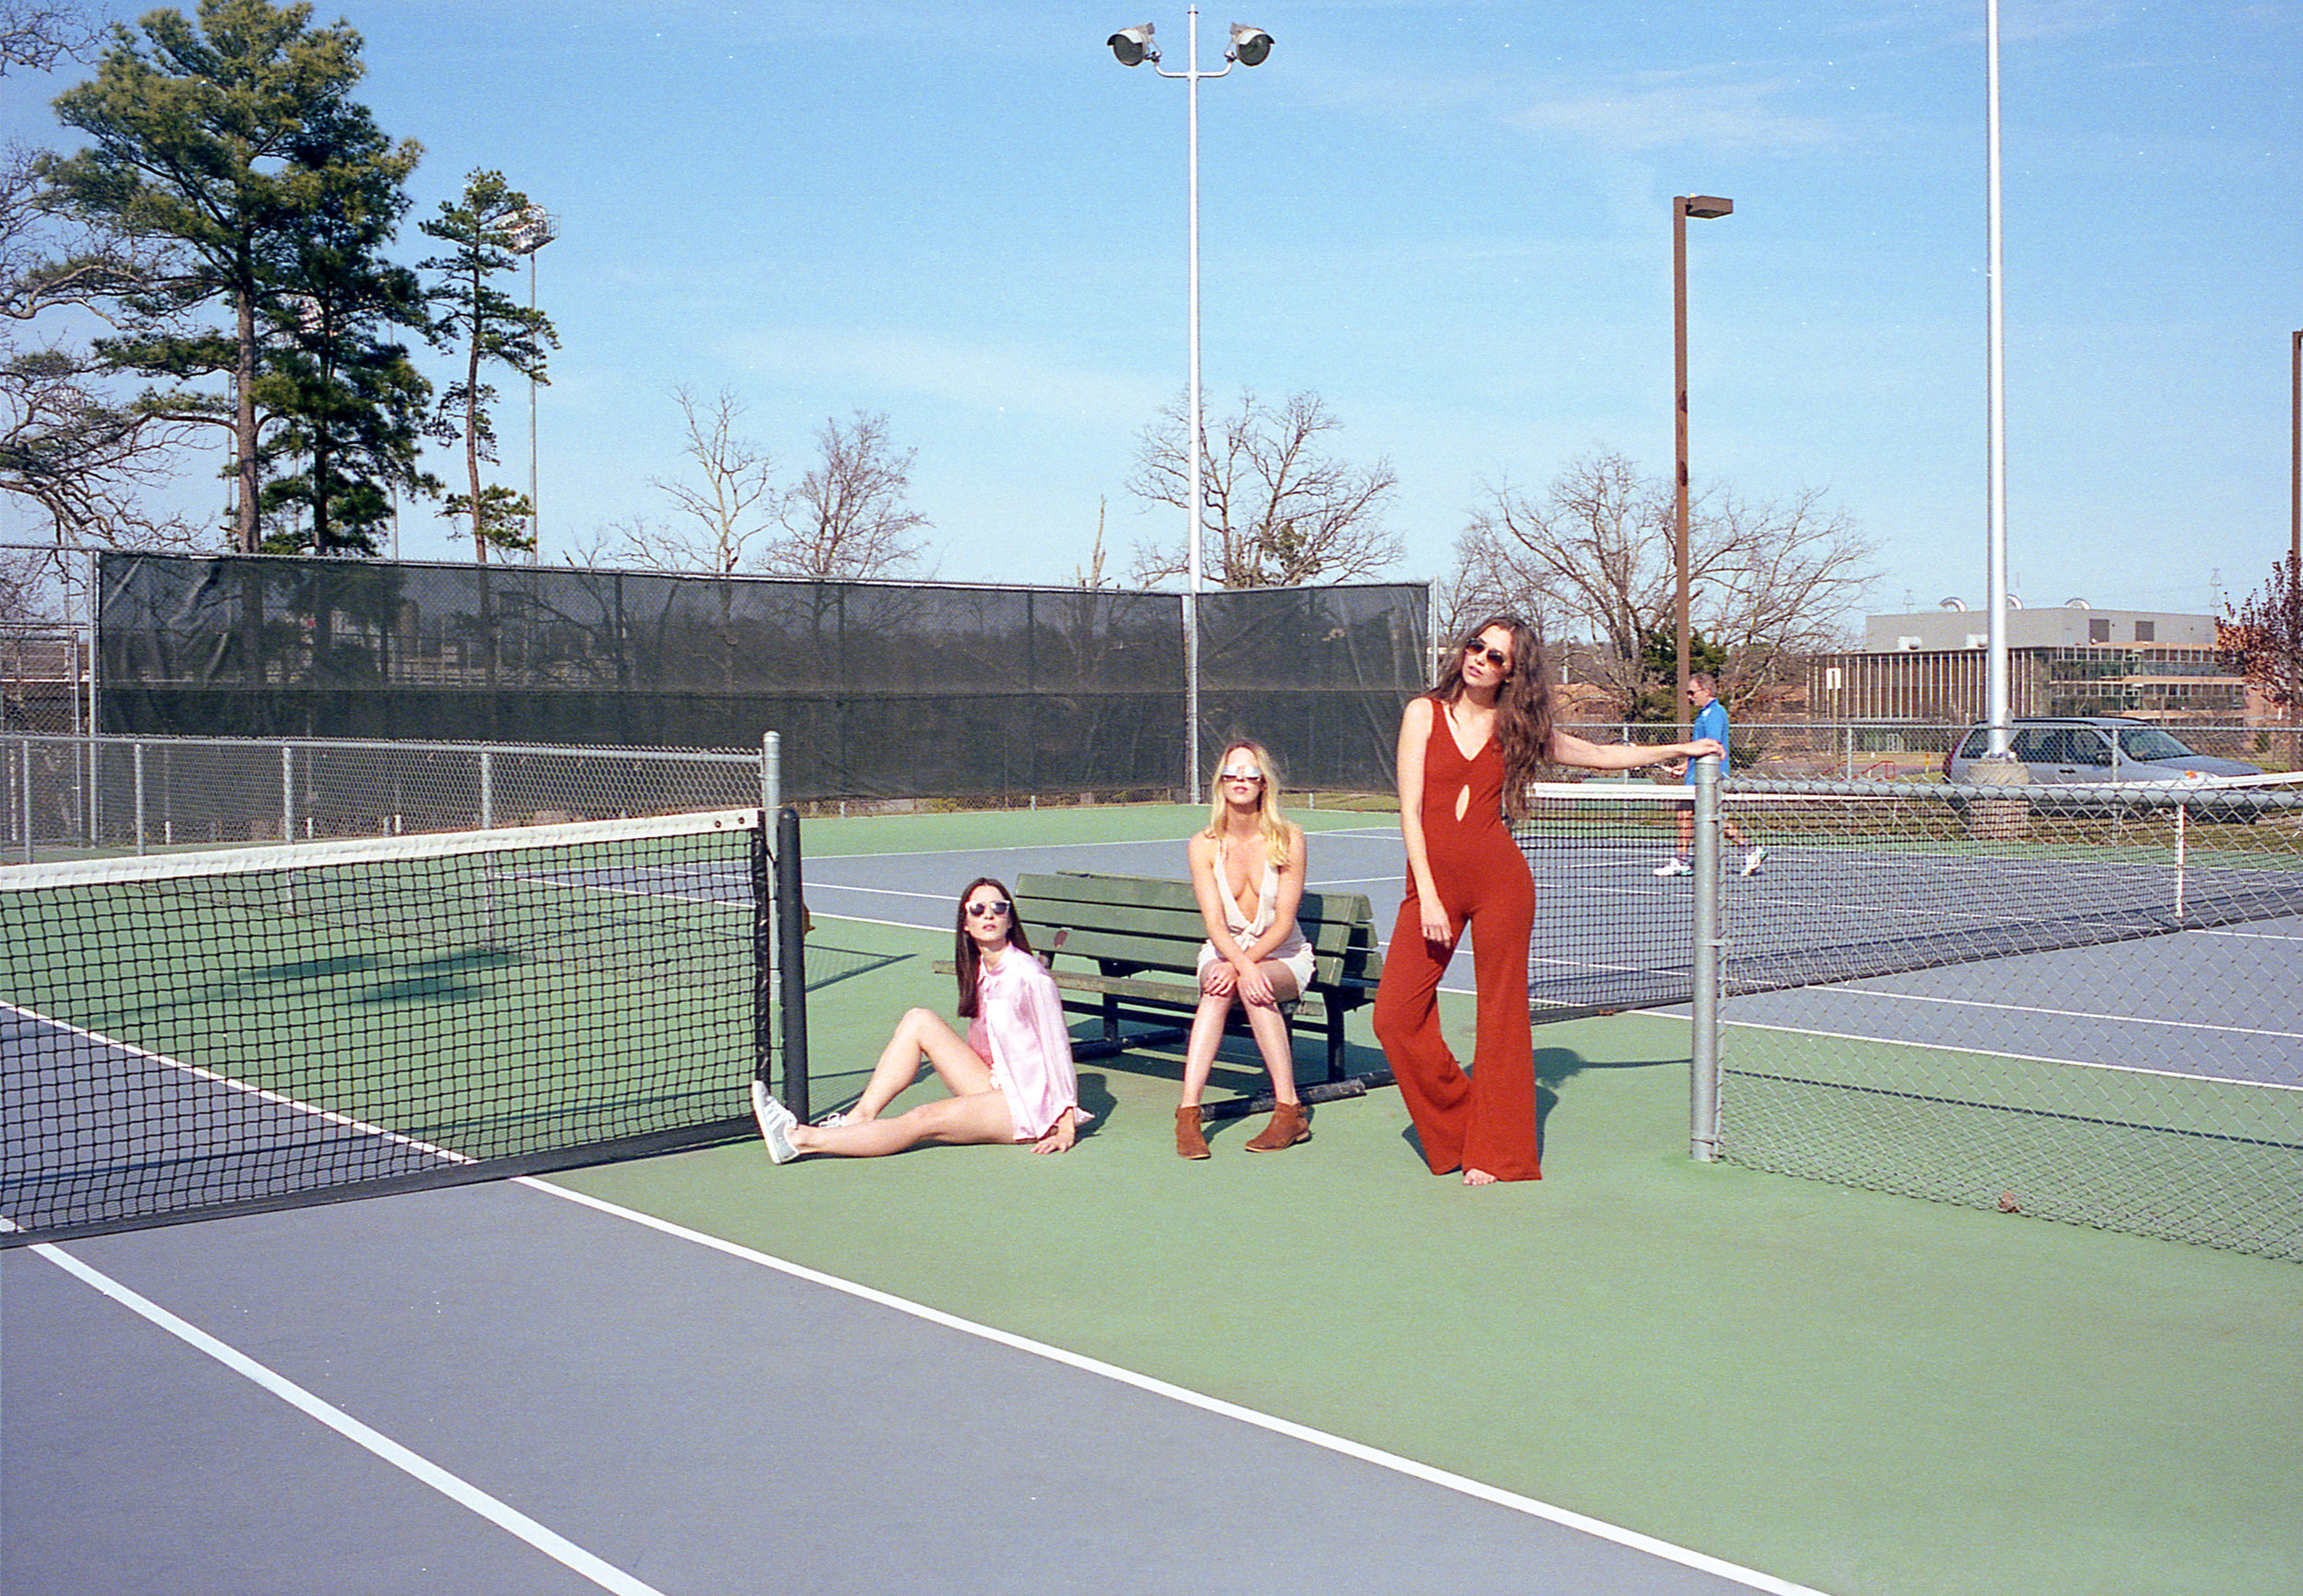 ladies-of-sport-1.JPG